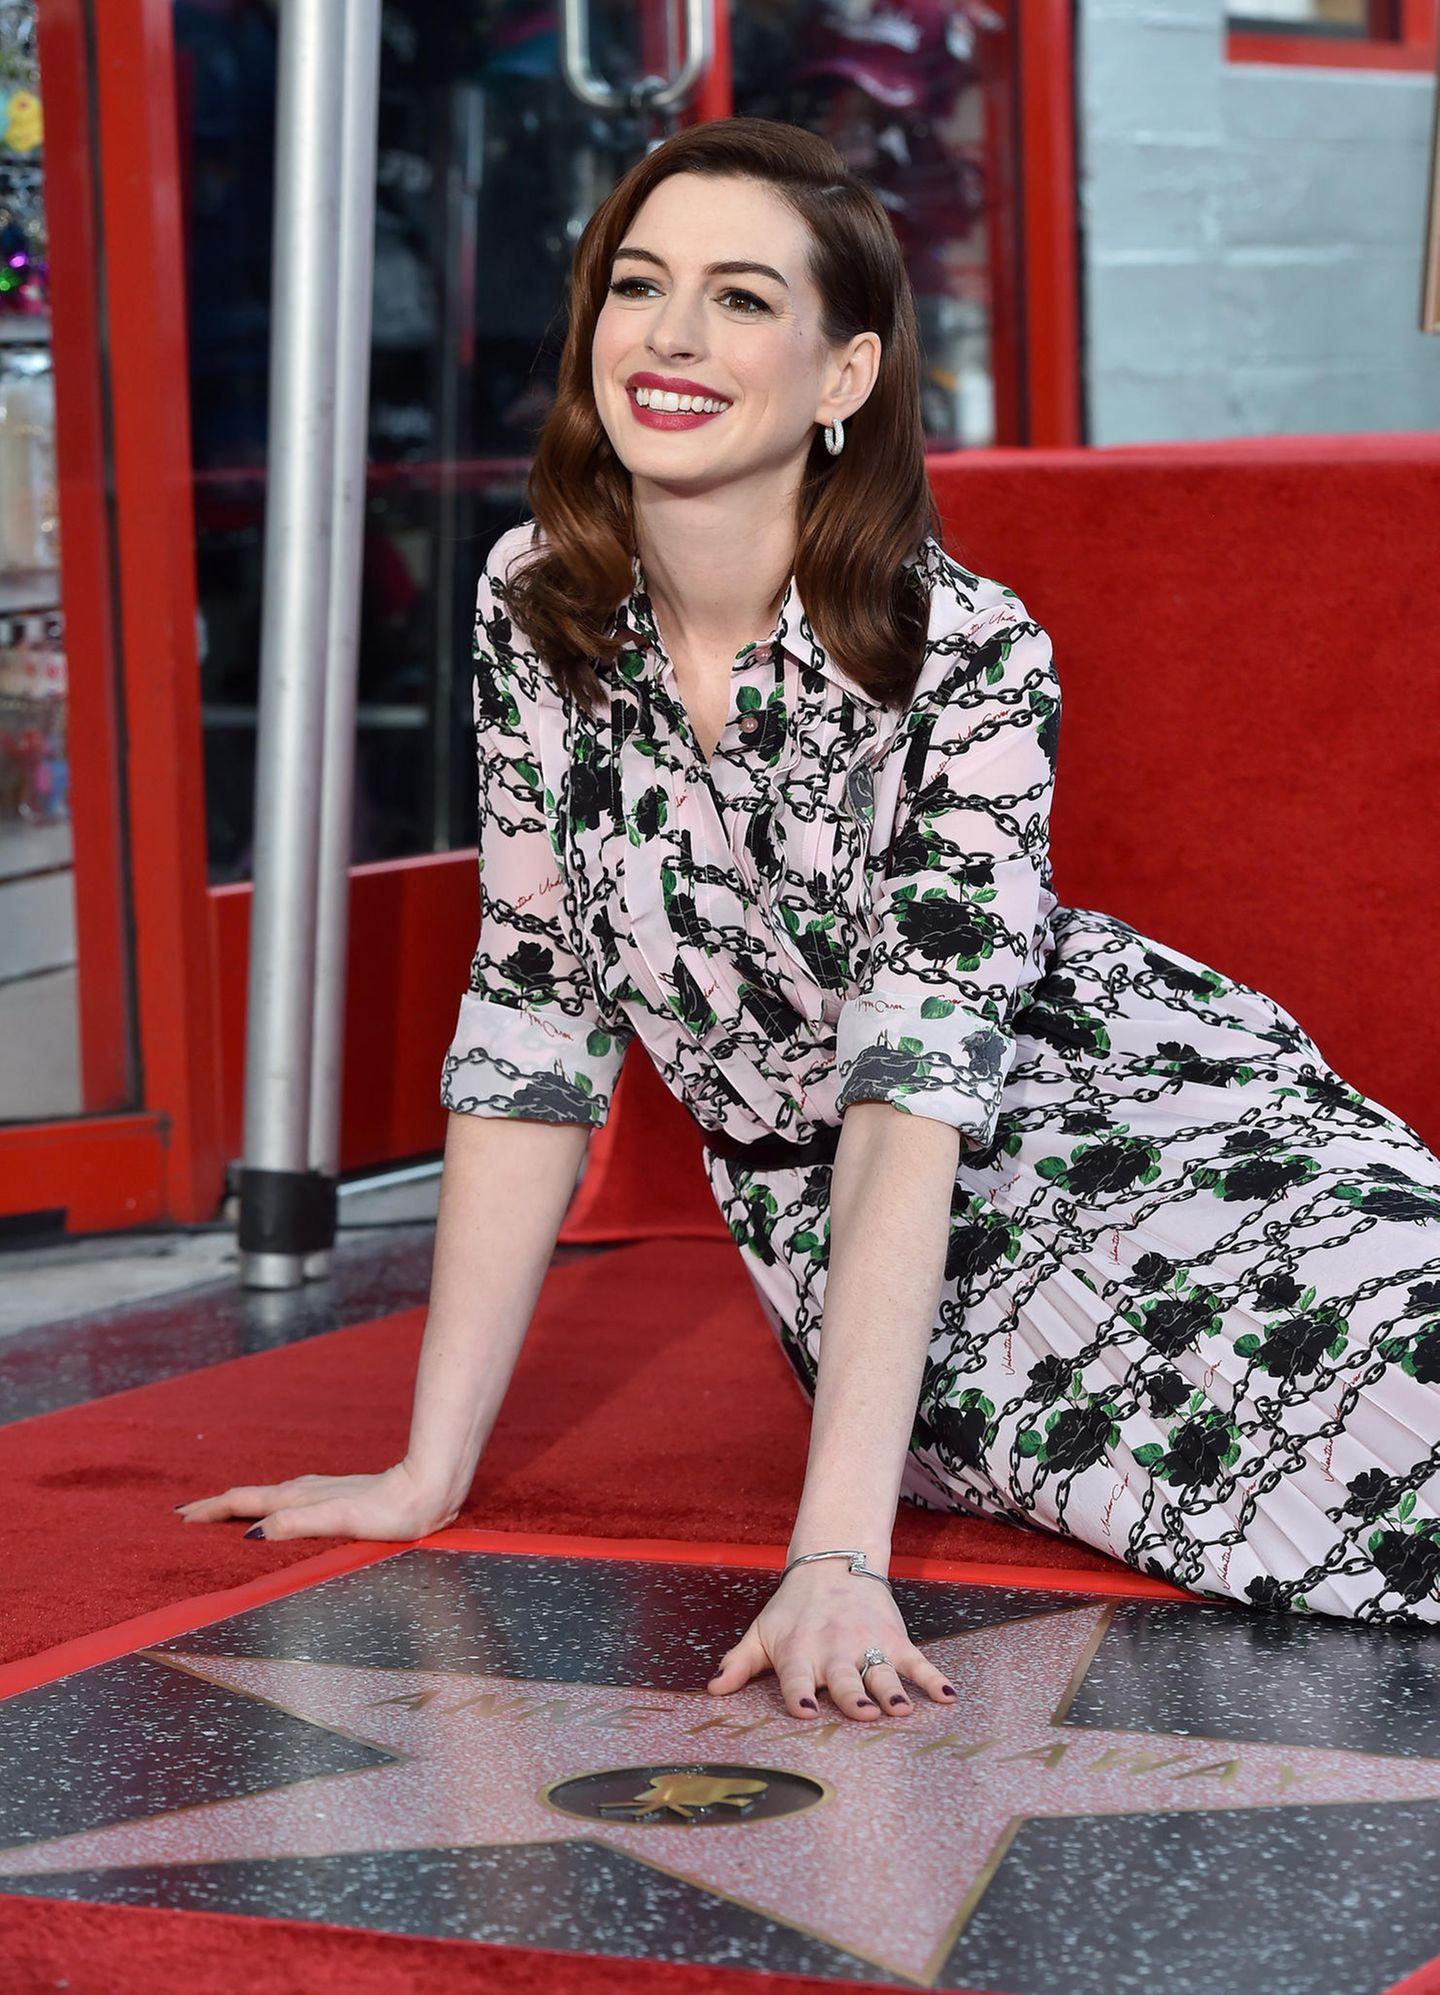 """9. Mai 2019  Ein Stern für Anne Hathaway: Die Oscar-Preisträgerin freut sich überihren eigenenStern auf dem berühmten """"Walk Of Fame"""" in Hollywood. In ihrer emotionalen Rede bedankt sich die Schauspielerin bei der bedingungslosen Unterstützung ihrer Fans und gesteht, dass sie persönlich nicht alle ihrer Filme wirklich gut findet."""